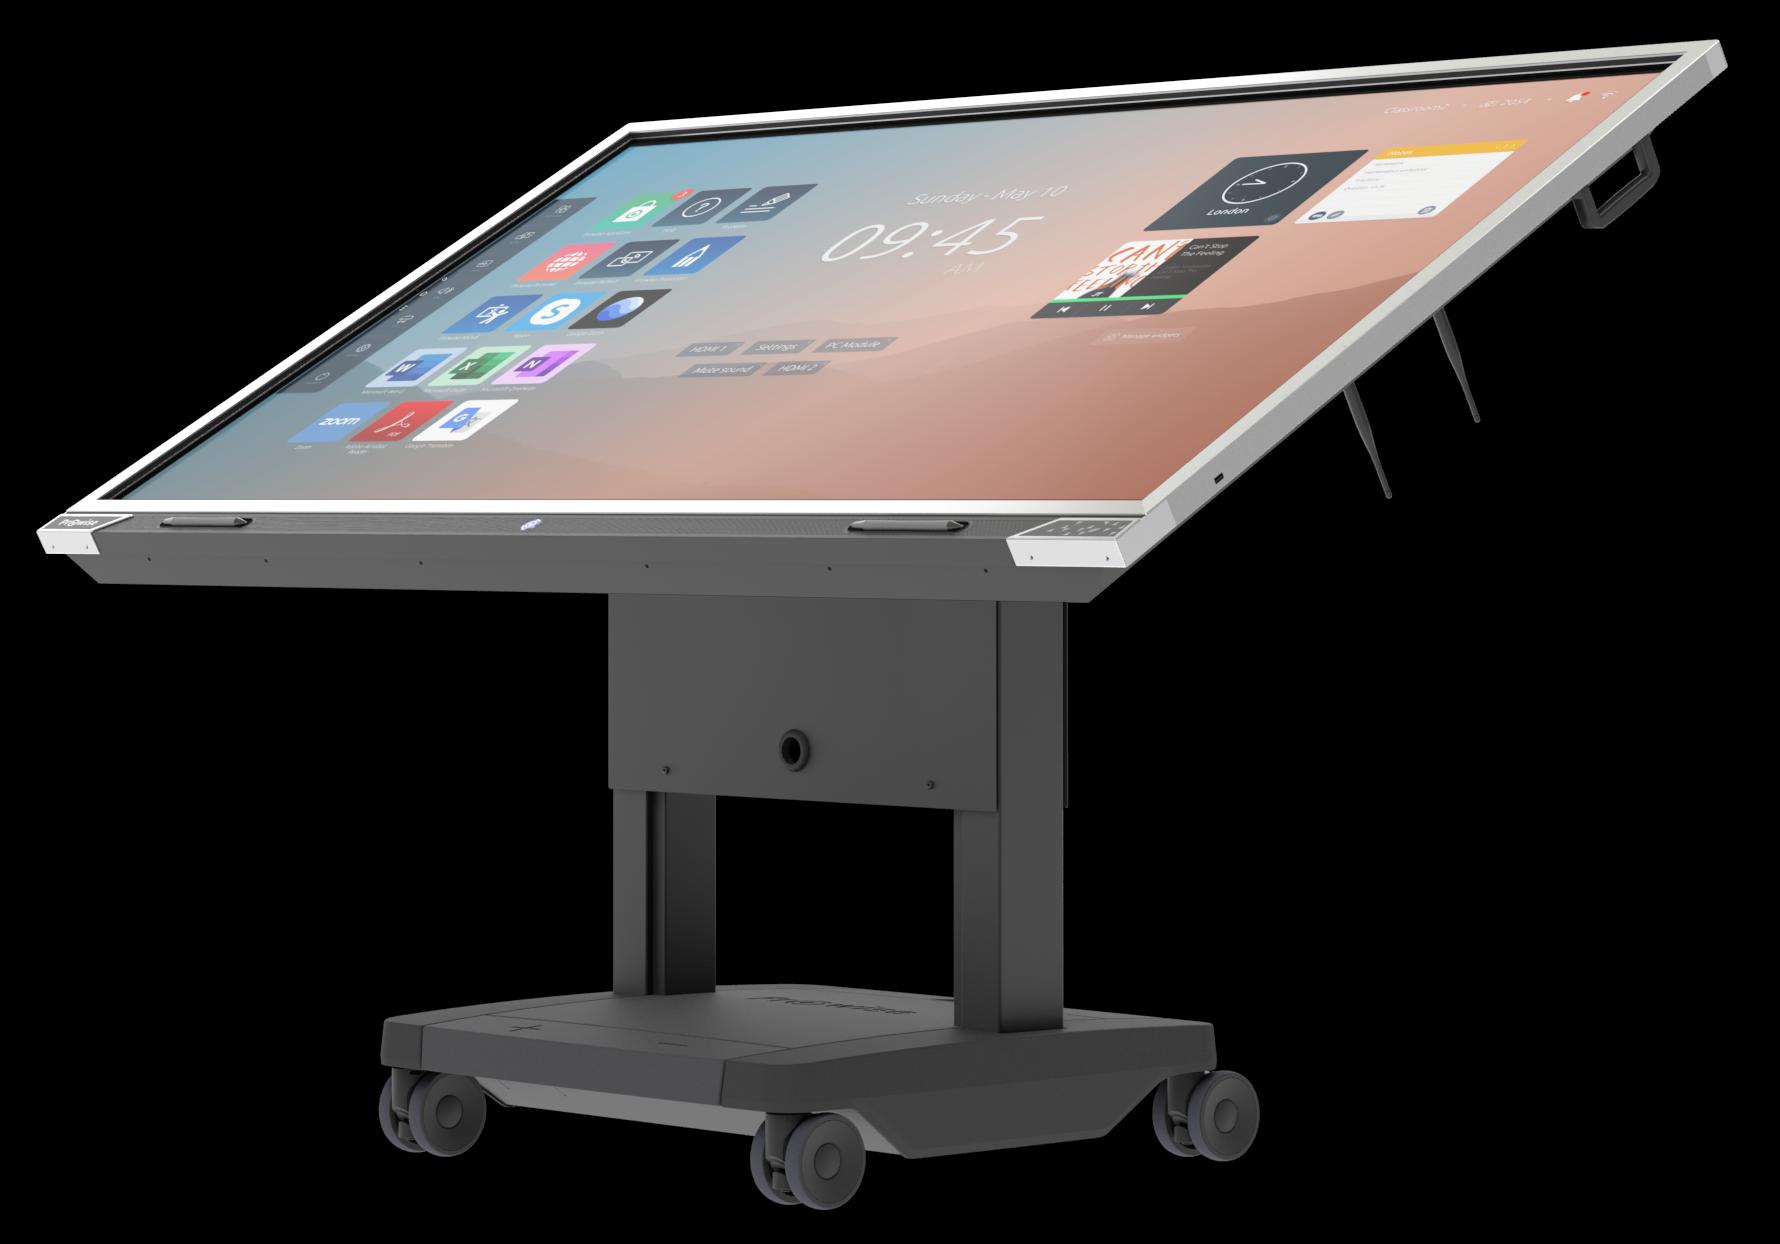 Prowise-touchscreen-mobilt-stativ-toddler-barnehage2